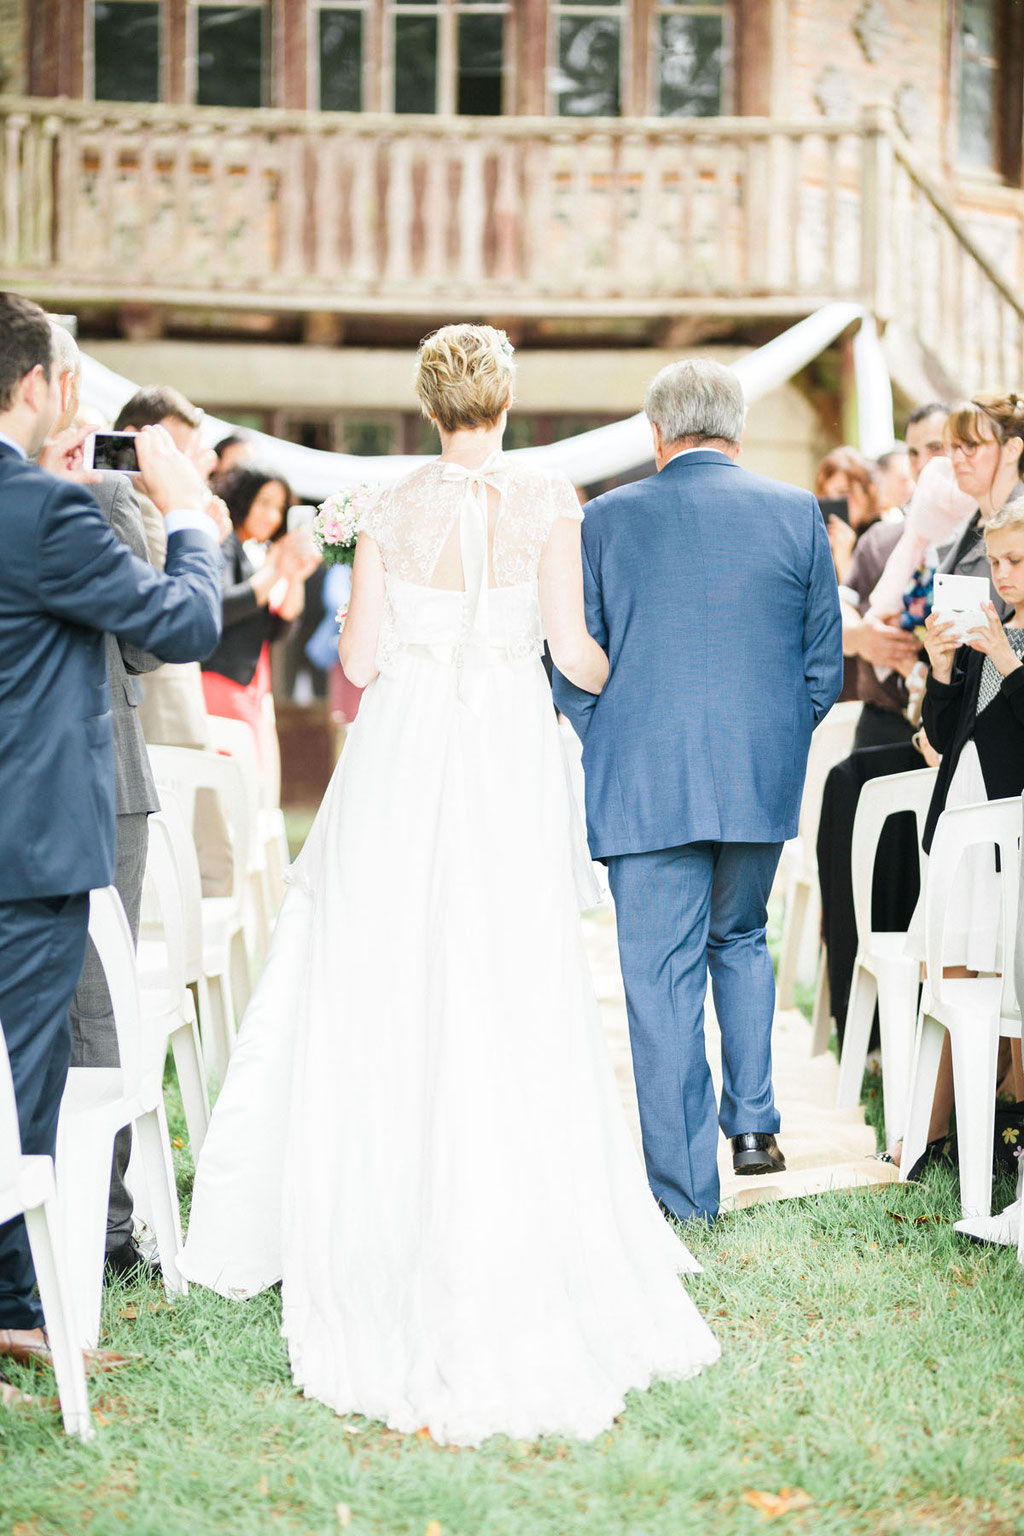 mariage  cérémonie laïque château cop-choux  mouzeil photographe orlane boisard cérémonie laique